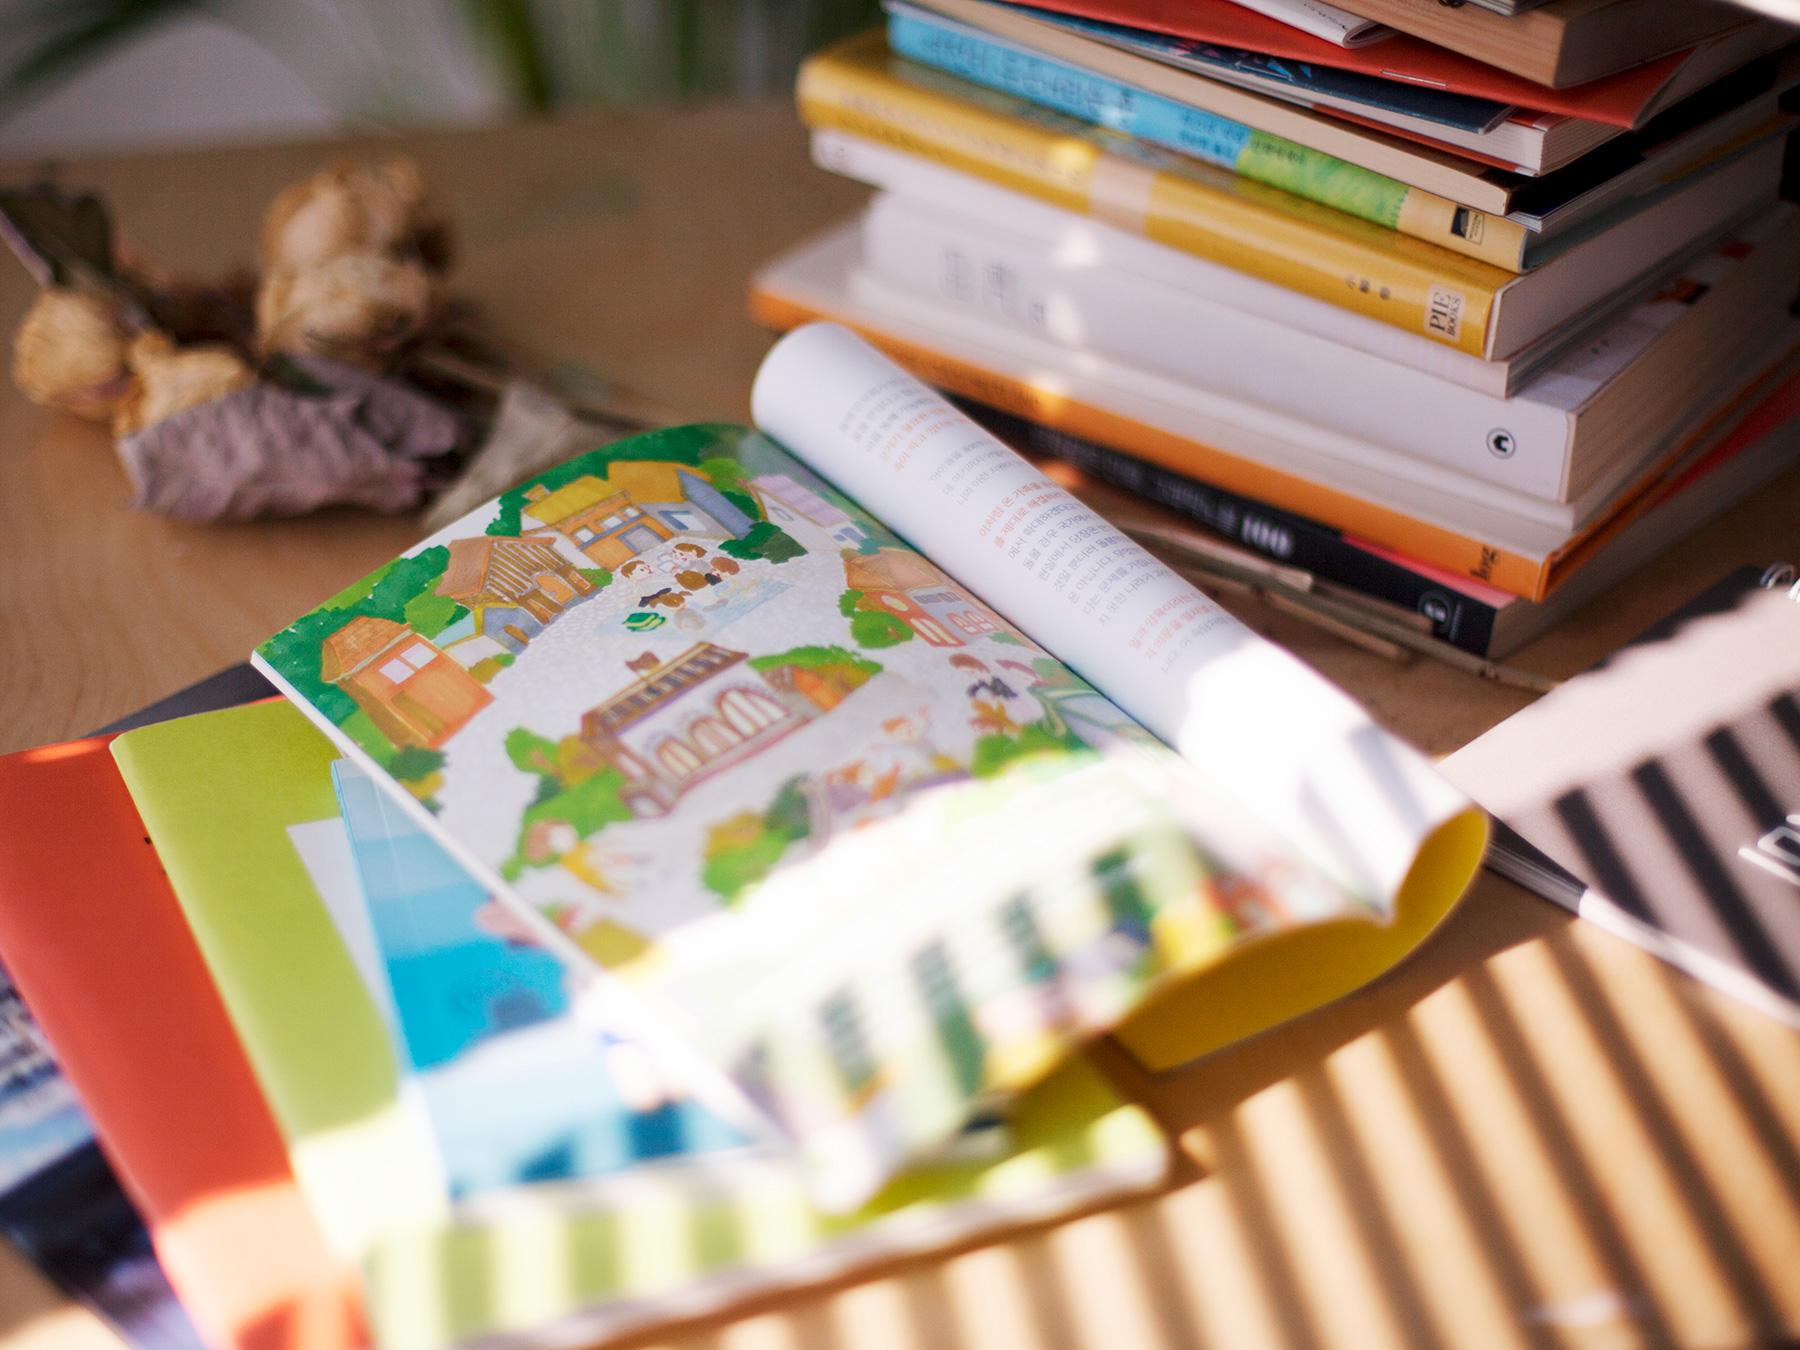 소규모 독립출판 워크숍